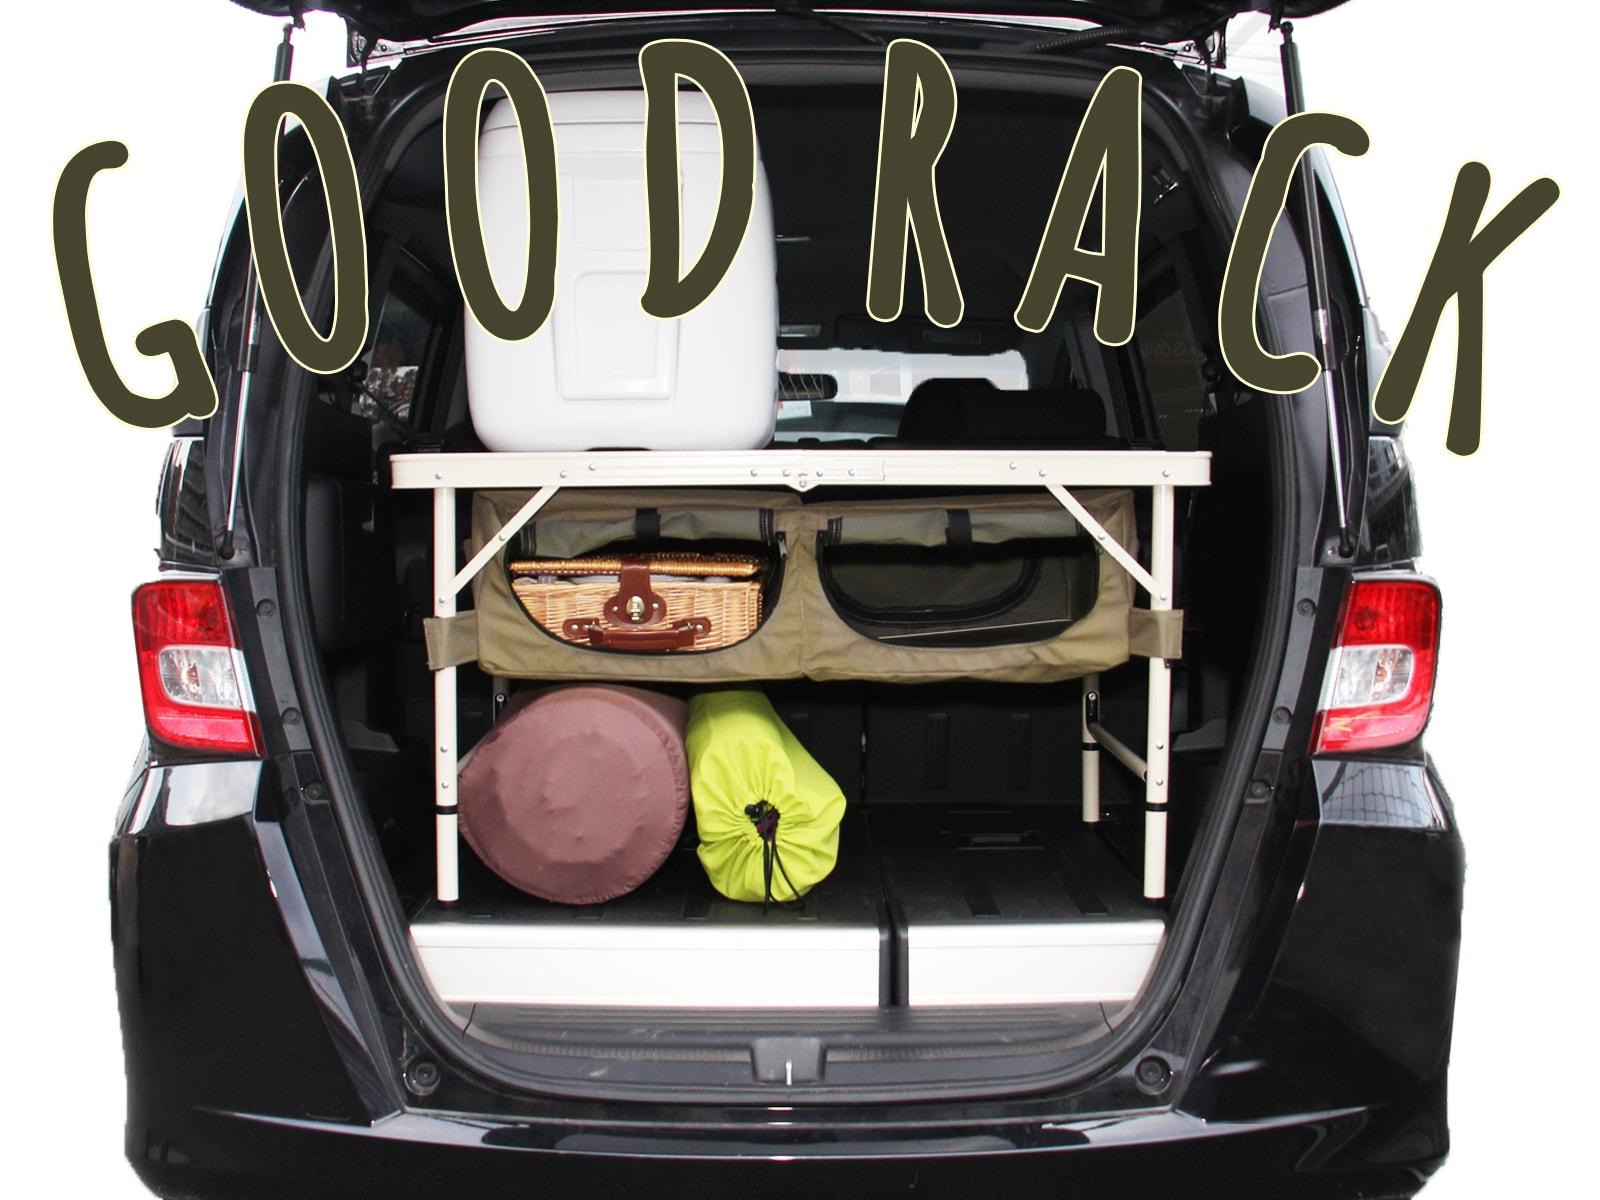 グッドラックテーブルのメインの特徴(車内で棚になるグッドラック機能)